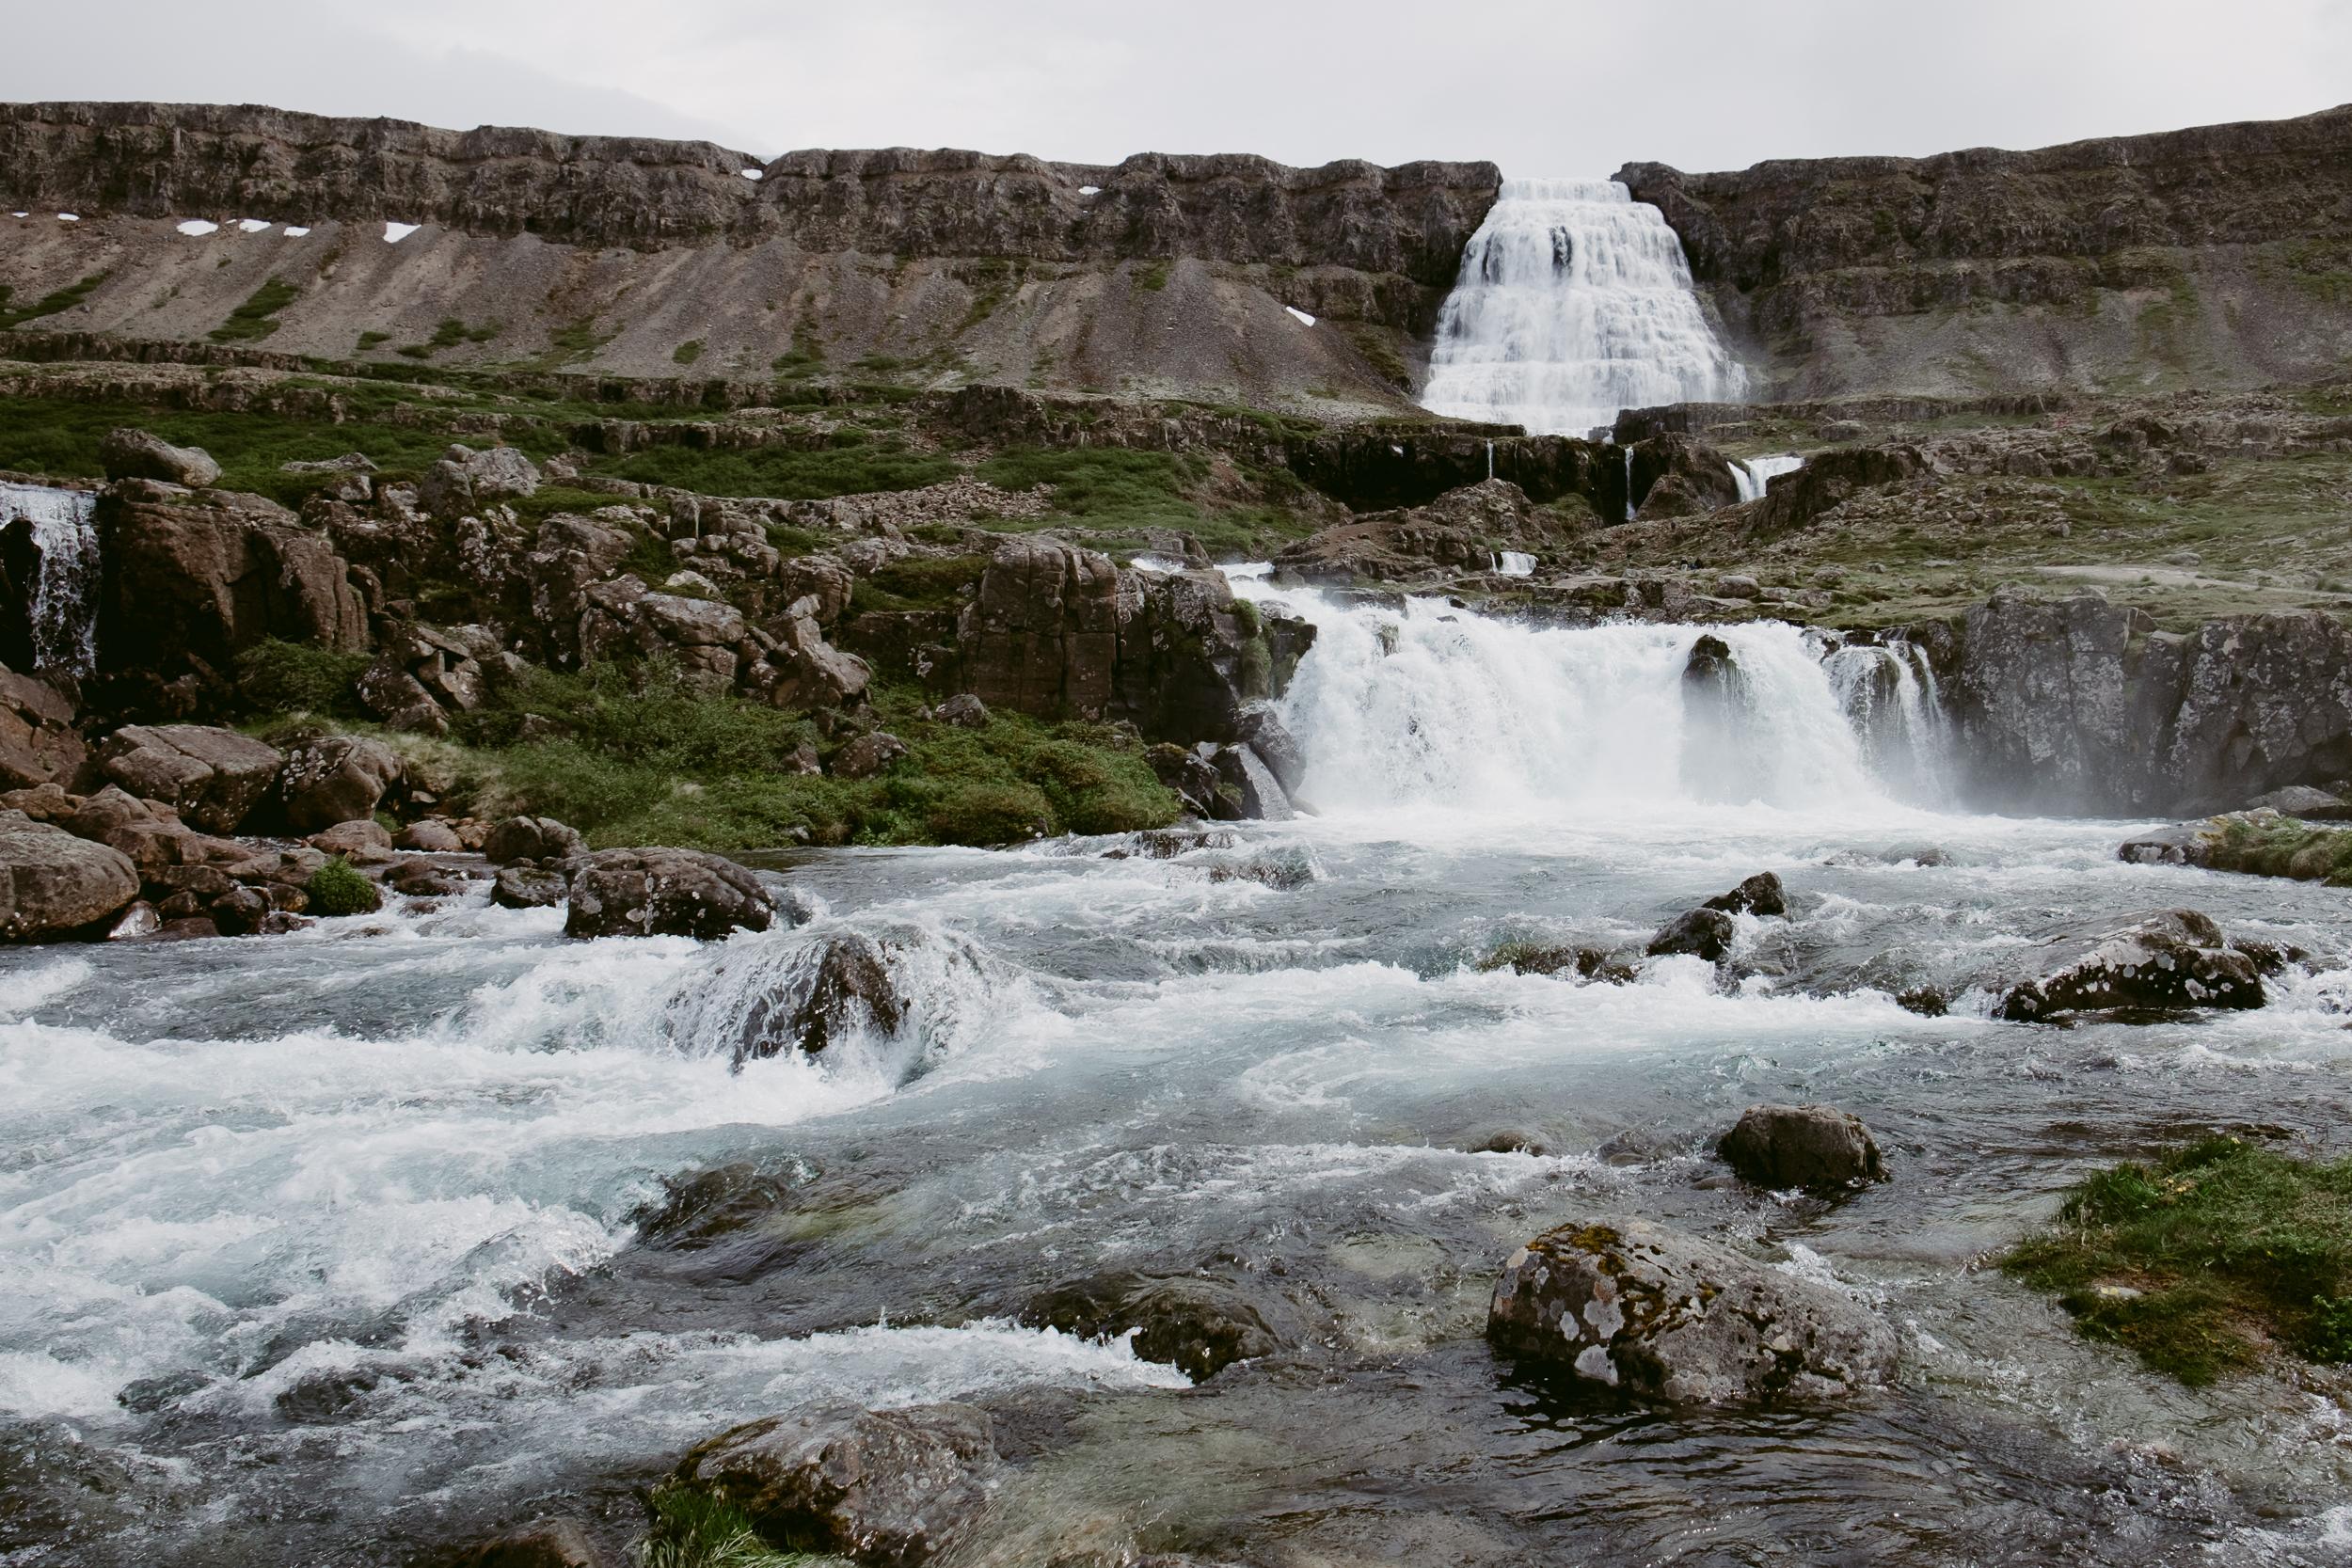 dyjandi-iceland-vivianchen-4523.jpg